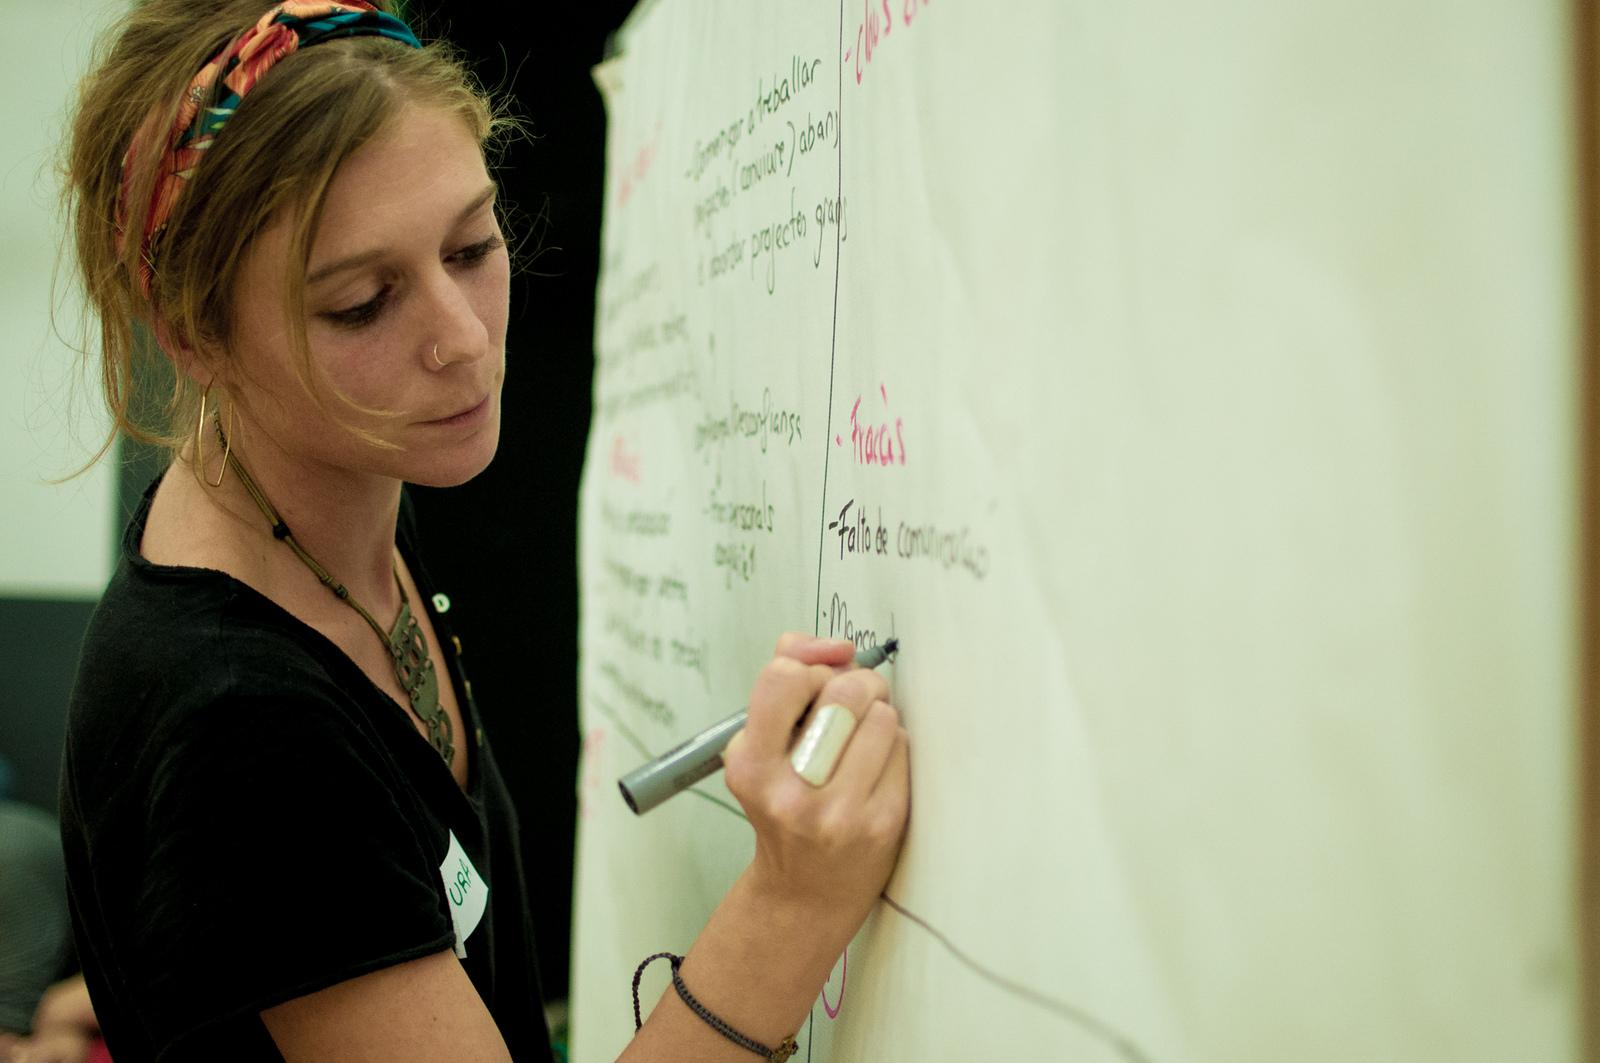 Si ets una entitat que treballa la facilitació i hi estàs interessada, escriu-nos a coord@transformadora.org.